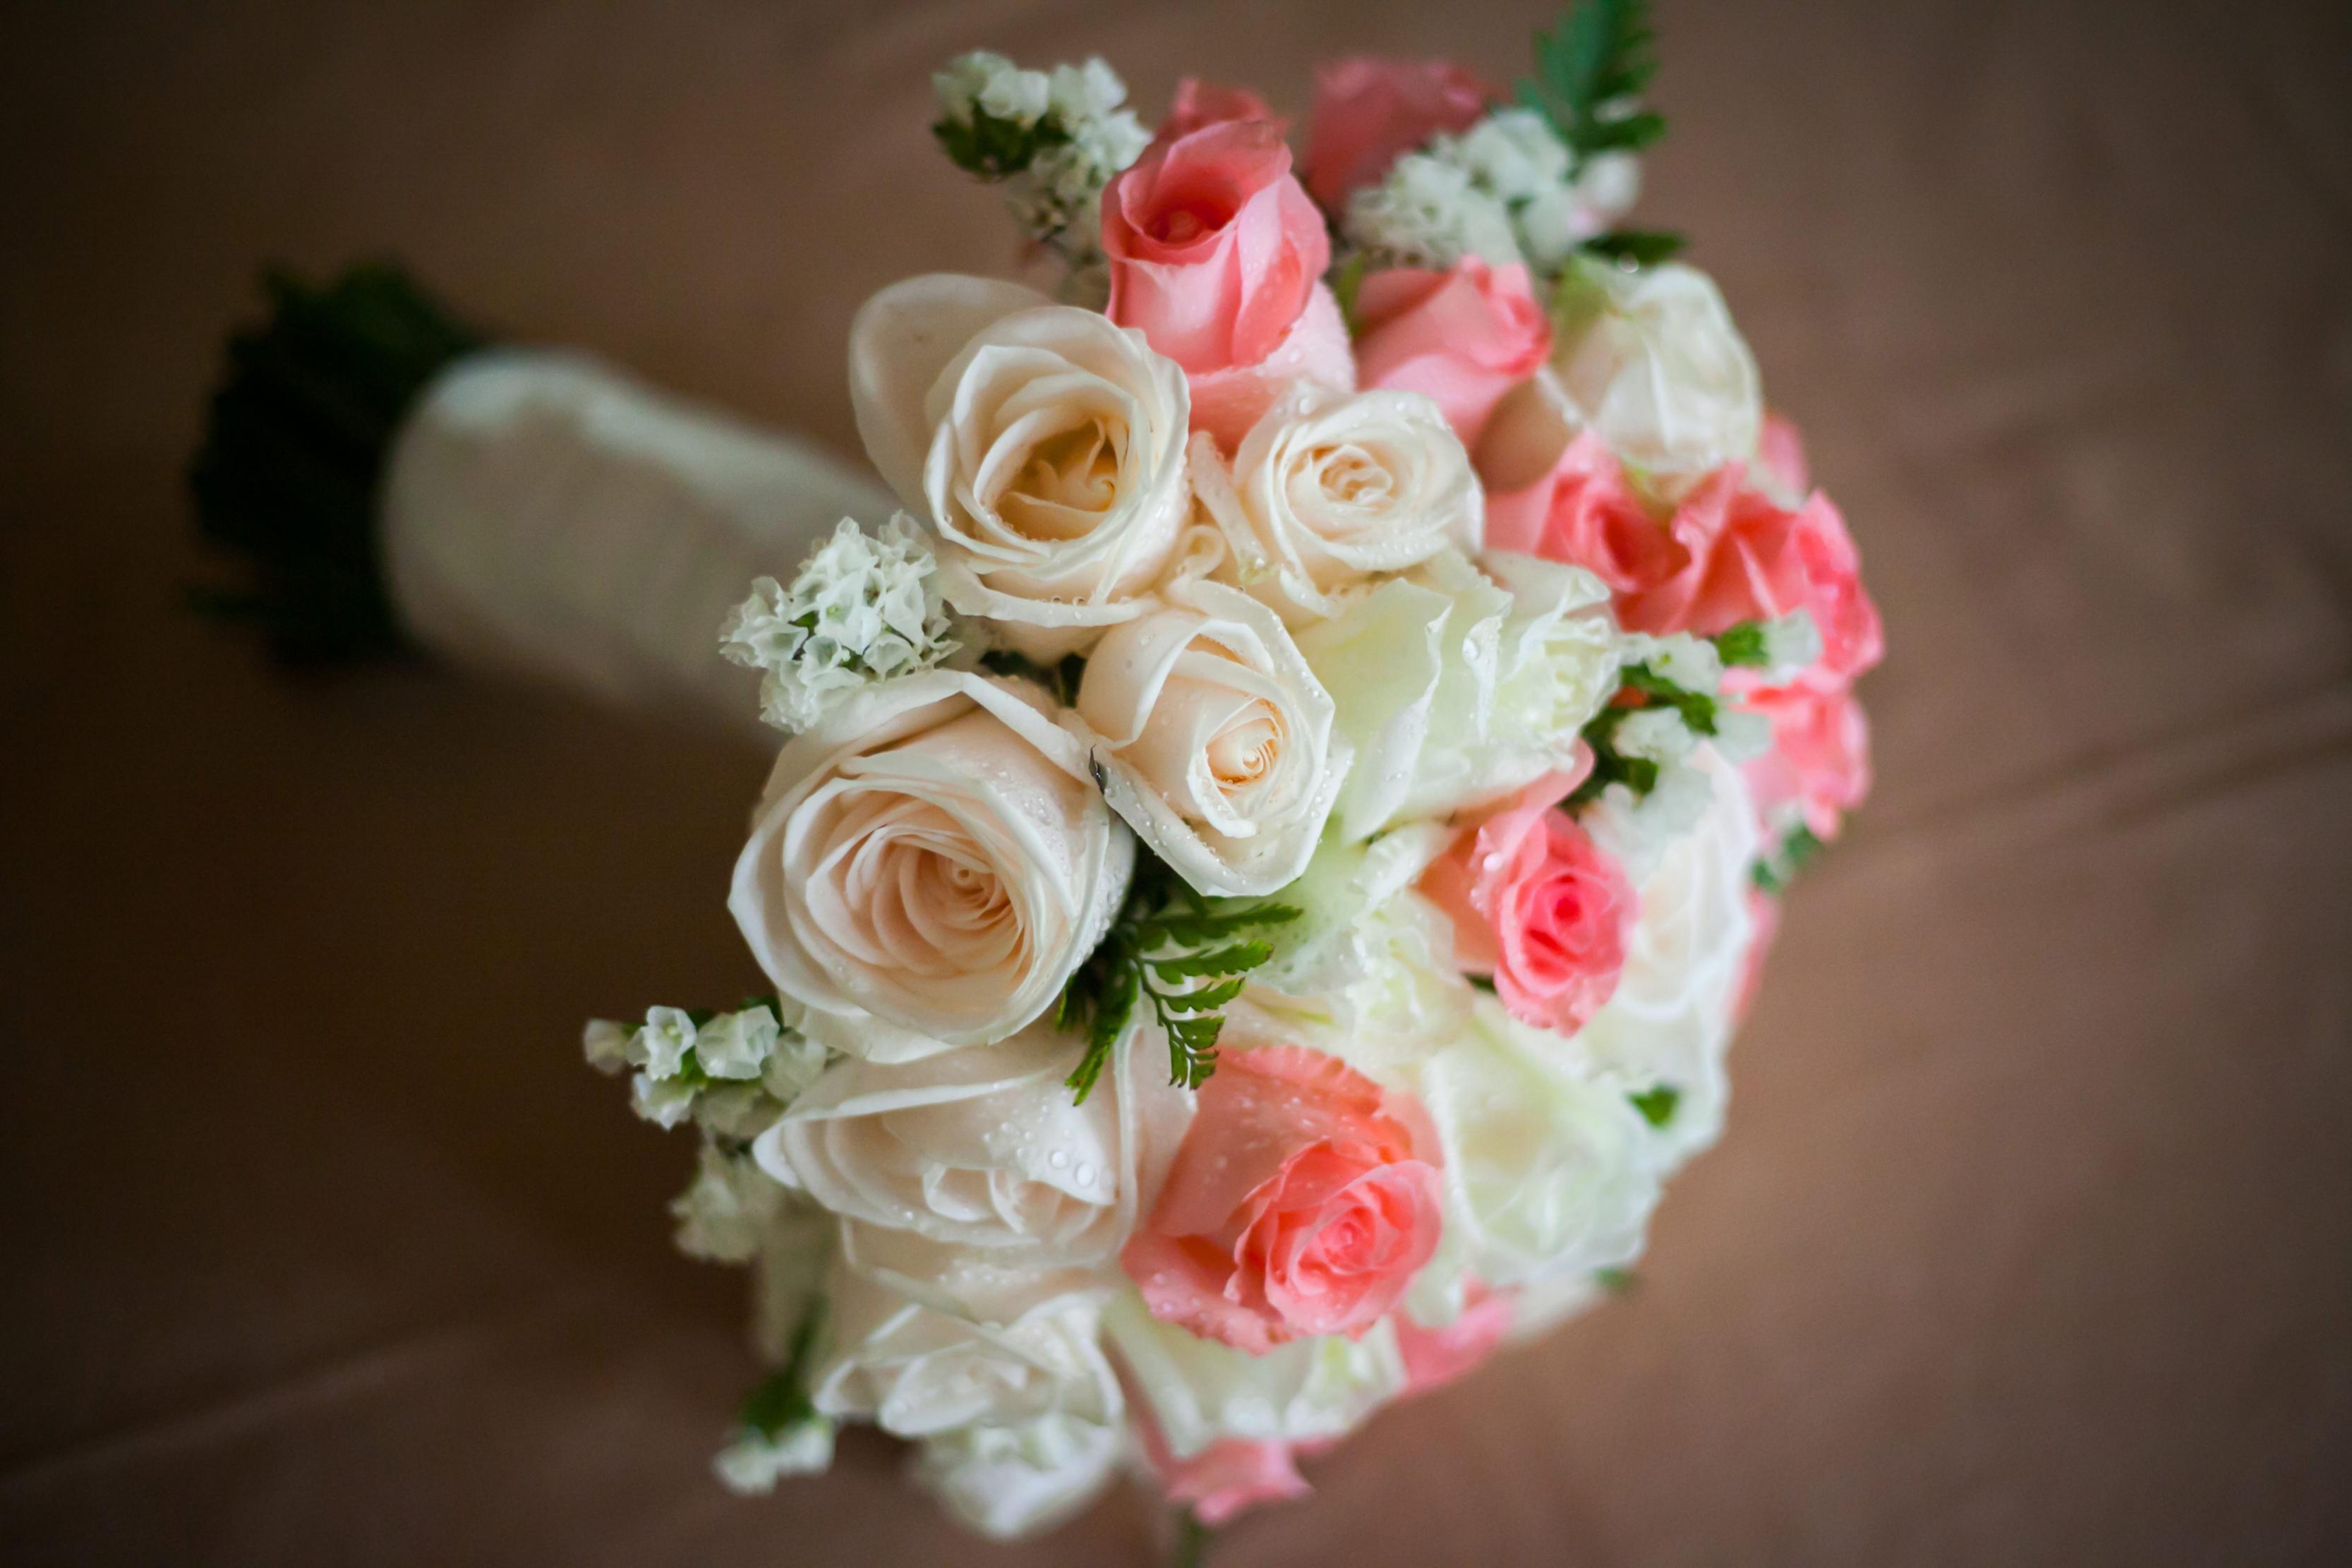 بالصور مسكات عروس , مجموعه جميله من المسكات للعروس 6088 7